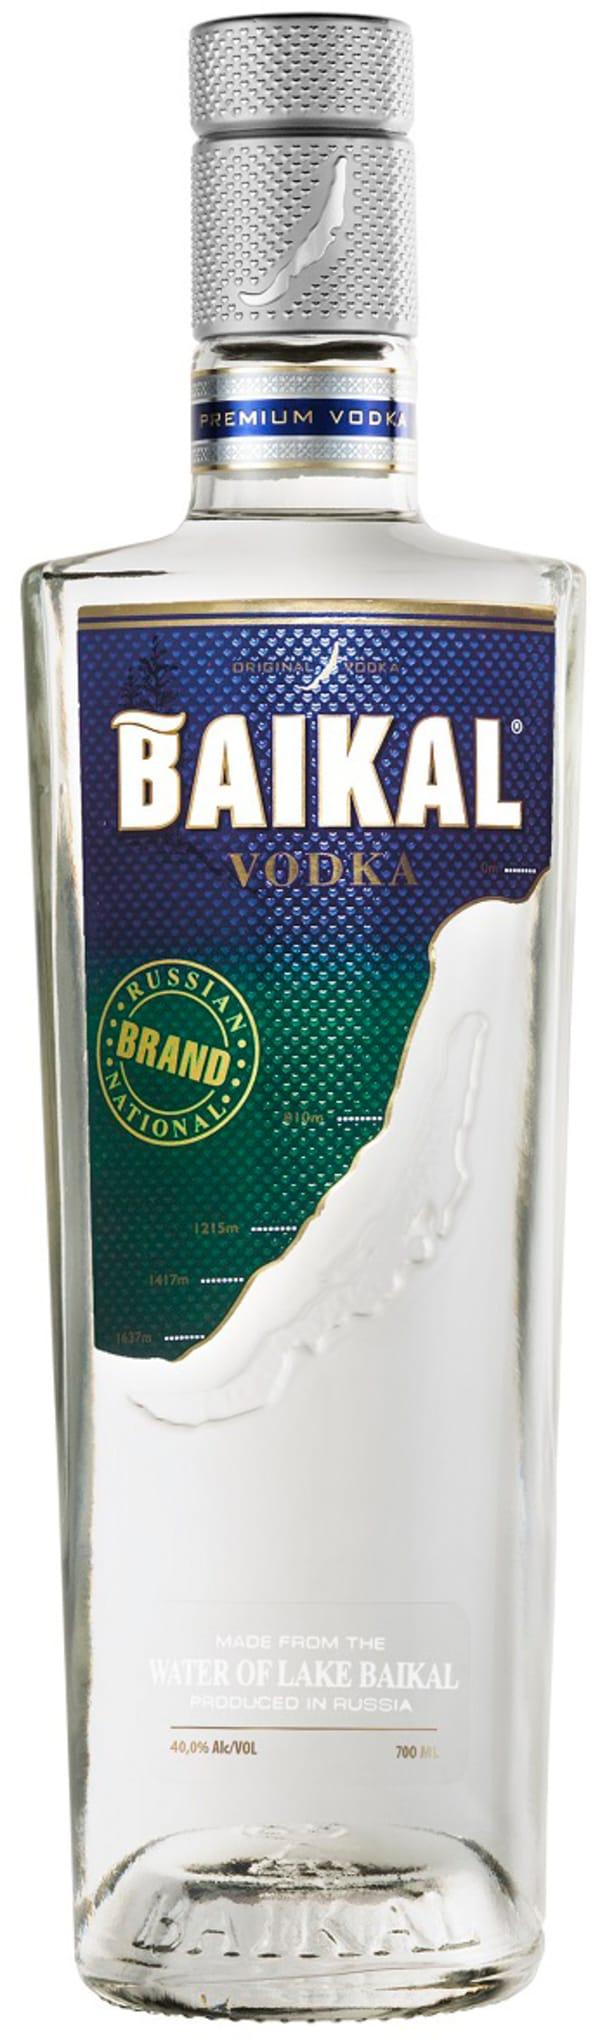 Baikal Vodka